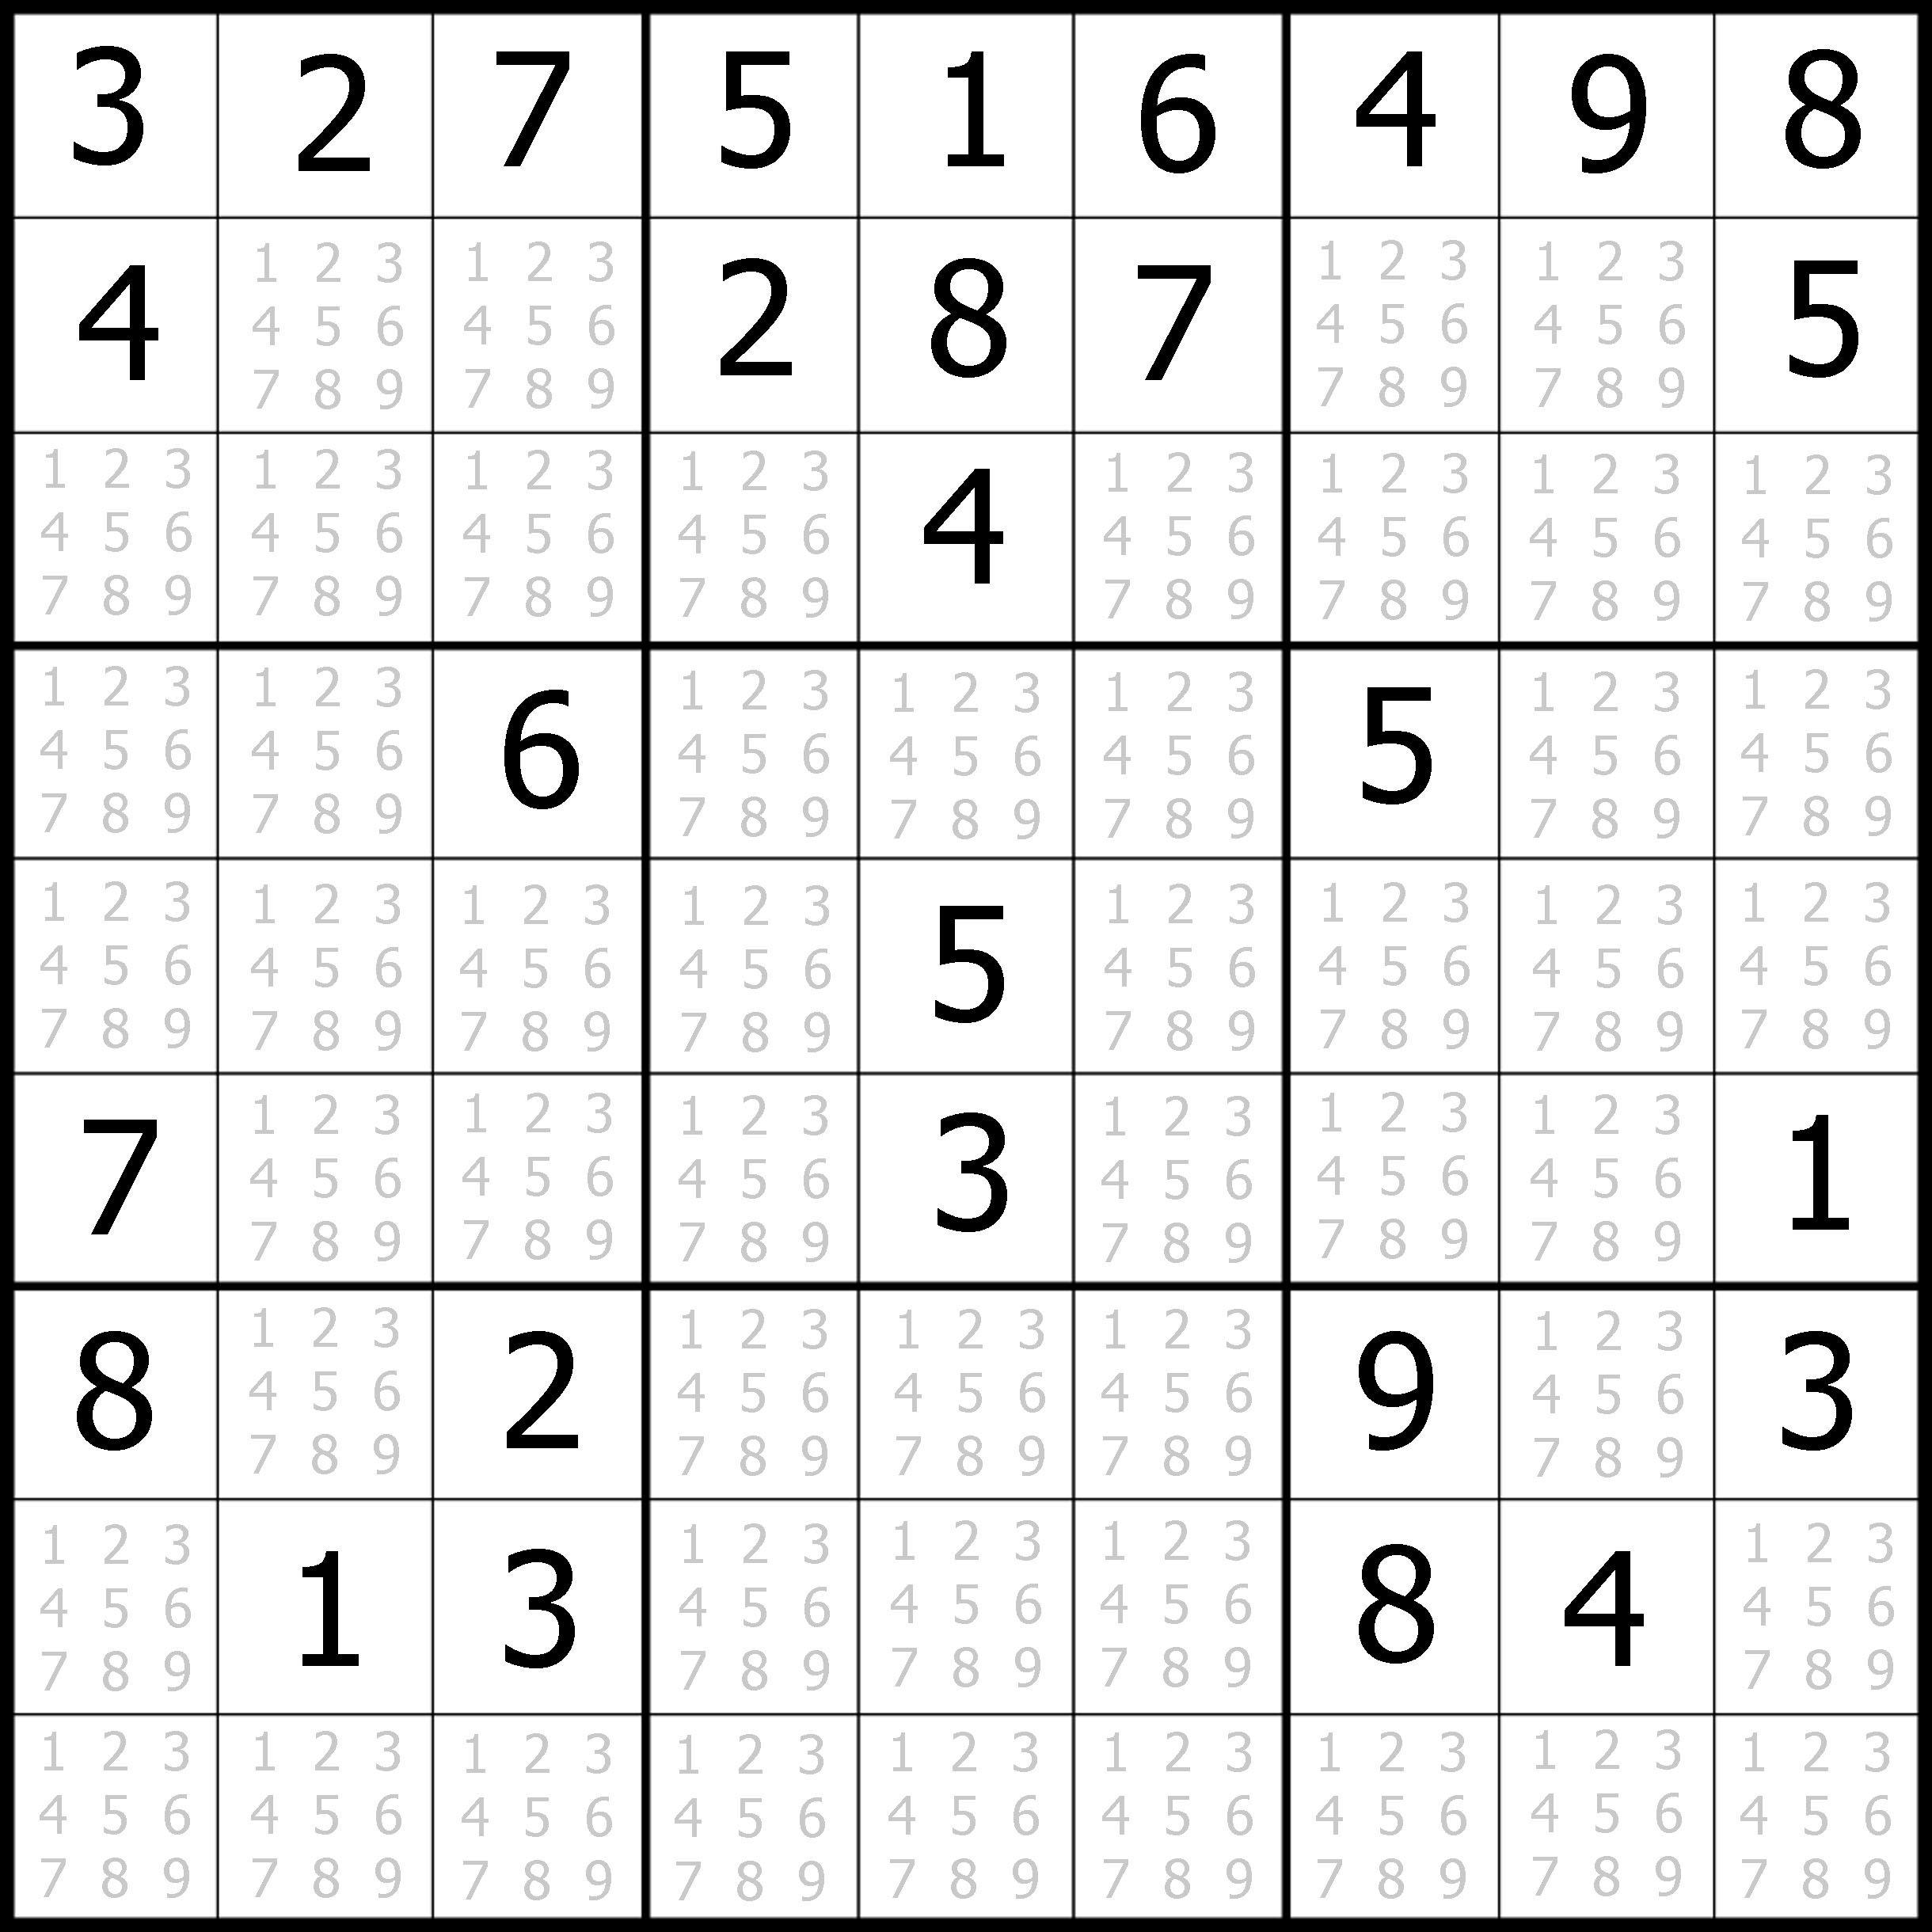 Sudoku Printable | Free, Medium, Printable Sudoku Puzzle #1 | My - Printable Sudoku X Puzzles